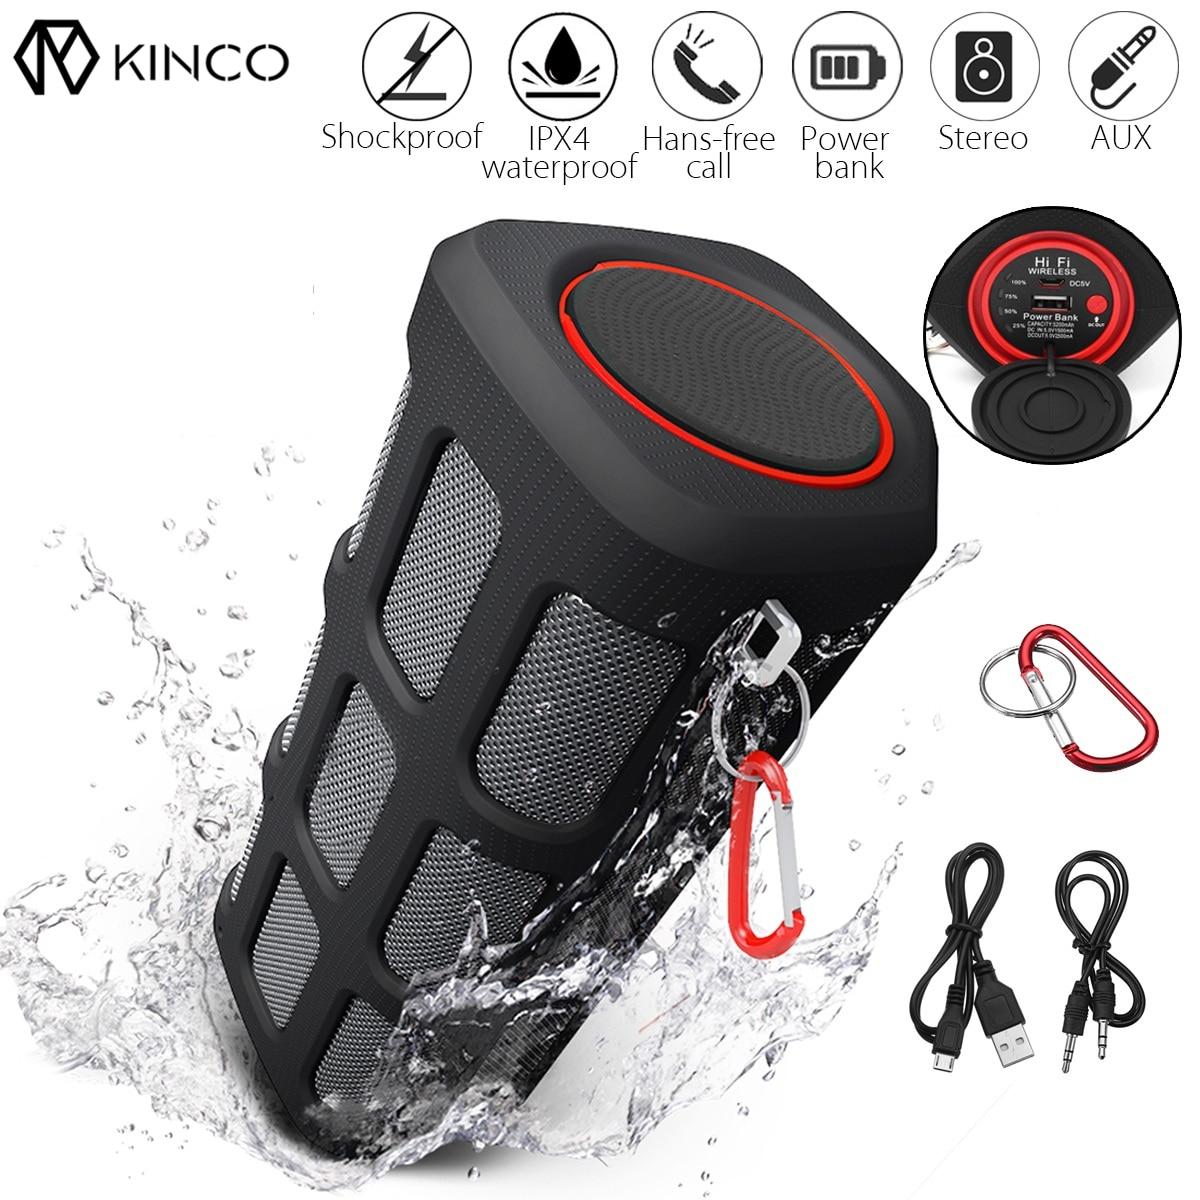 KINCO Sans Fil Bluetooth Haut-Parleur Étanche Portable Antichoc Antipoussière Sports de Plein Air 5200 mah 24-Heures de Lecture pour iPhone